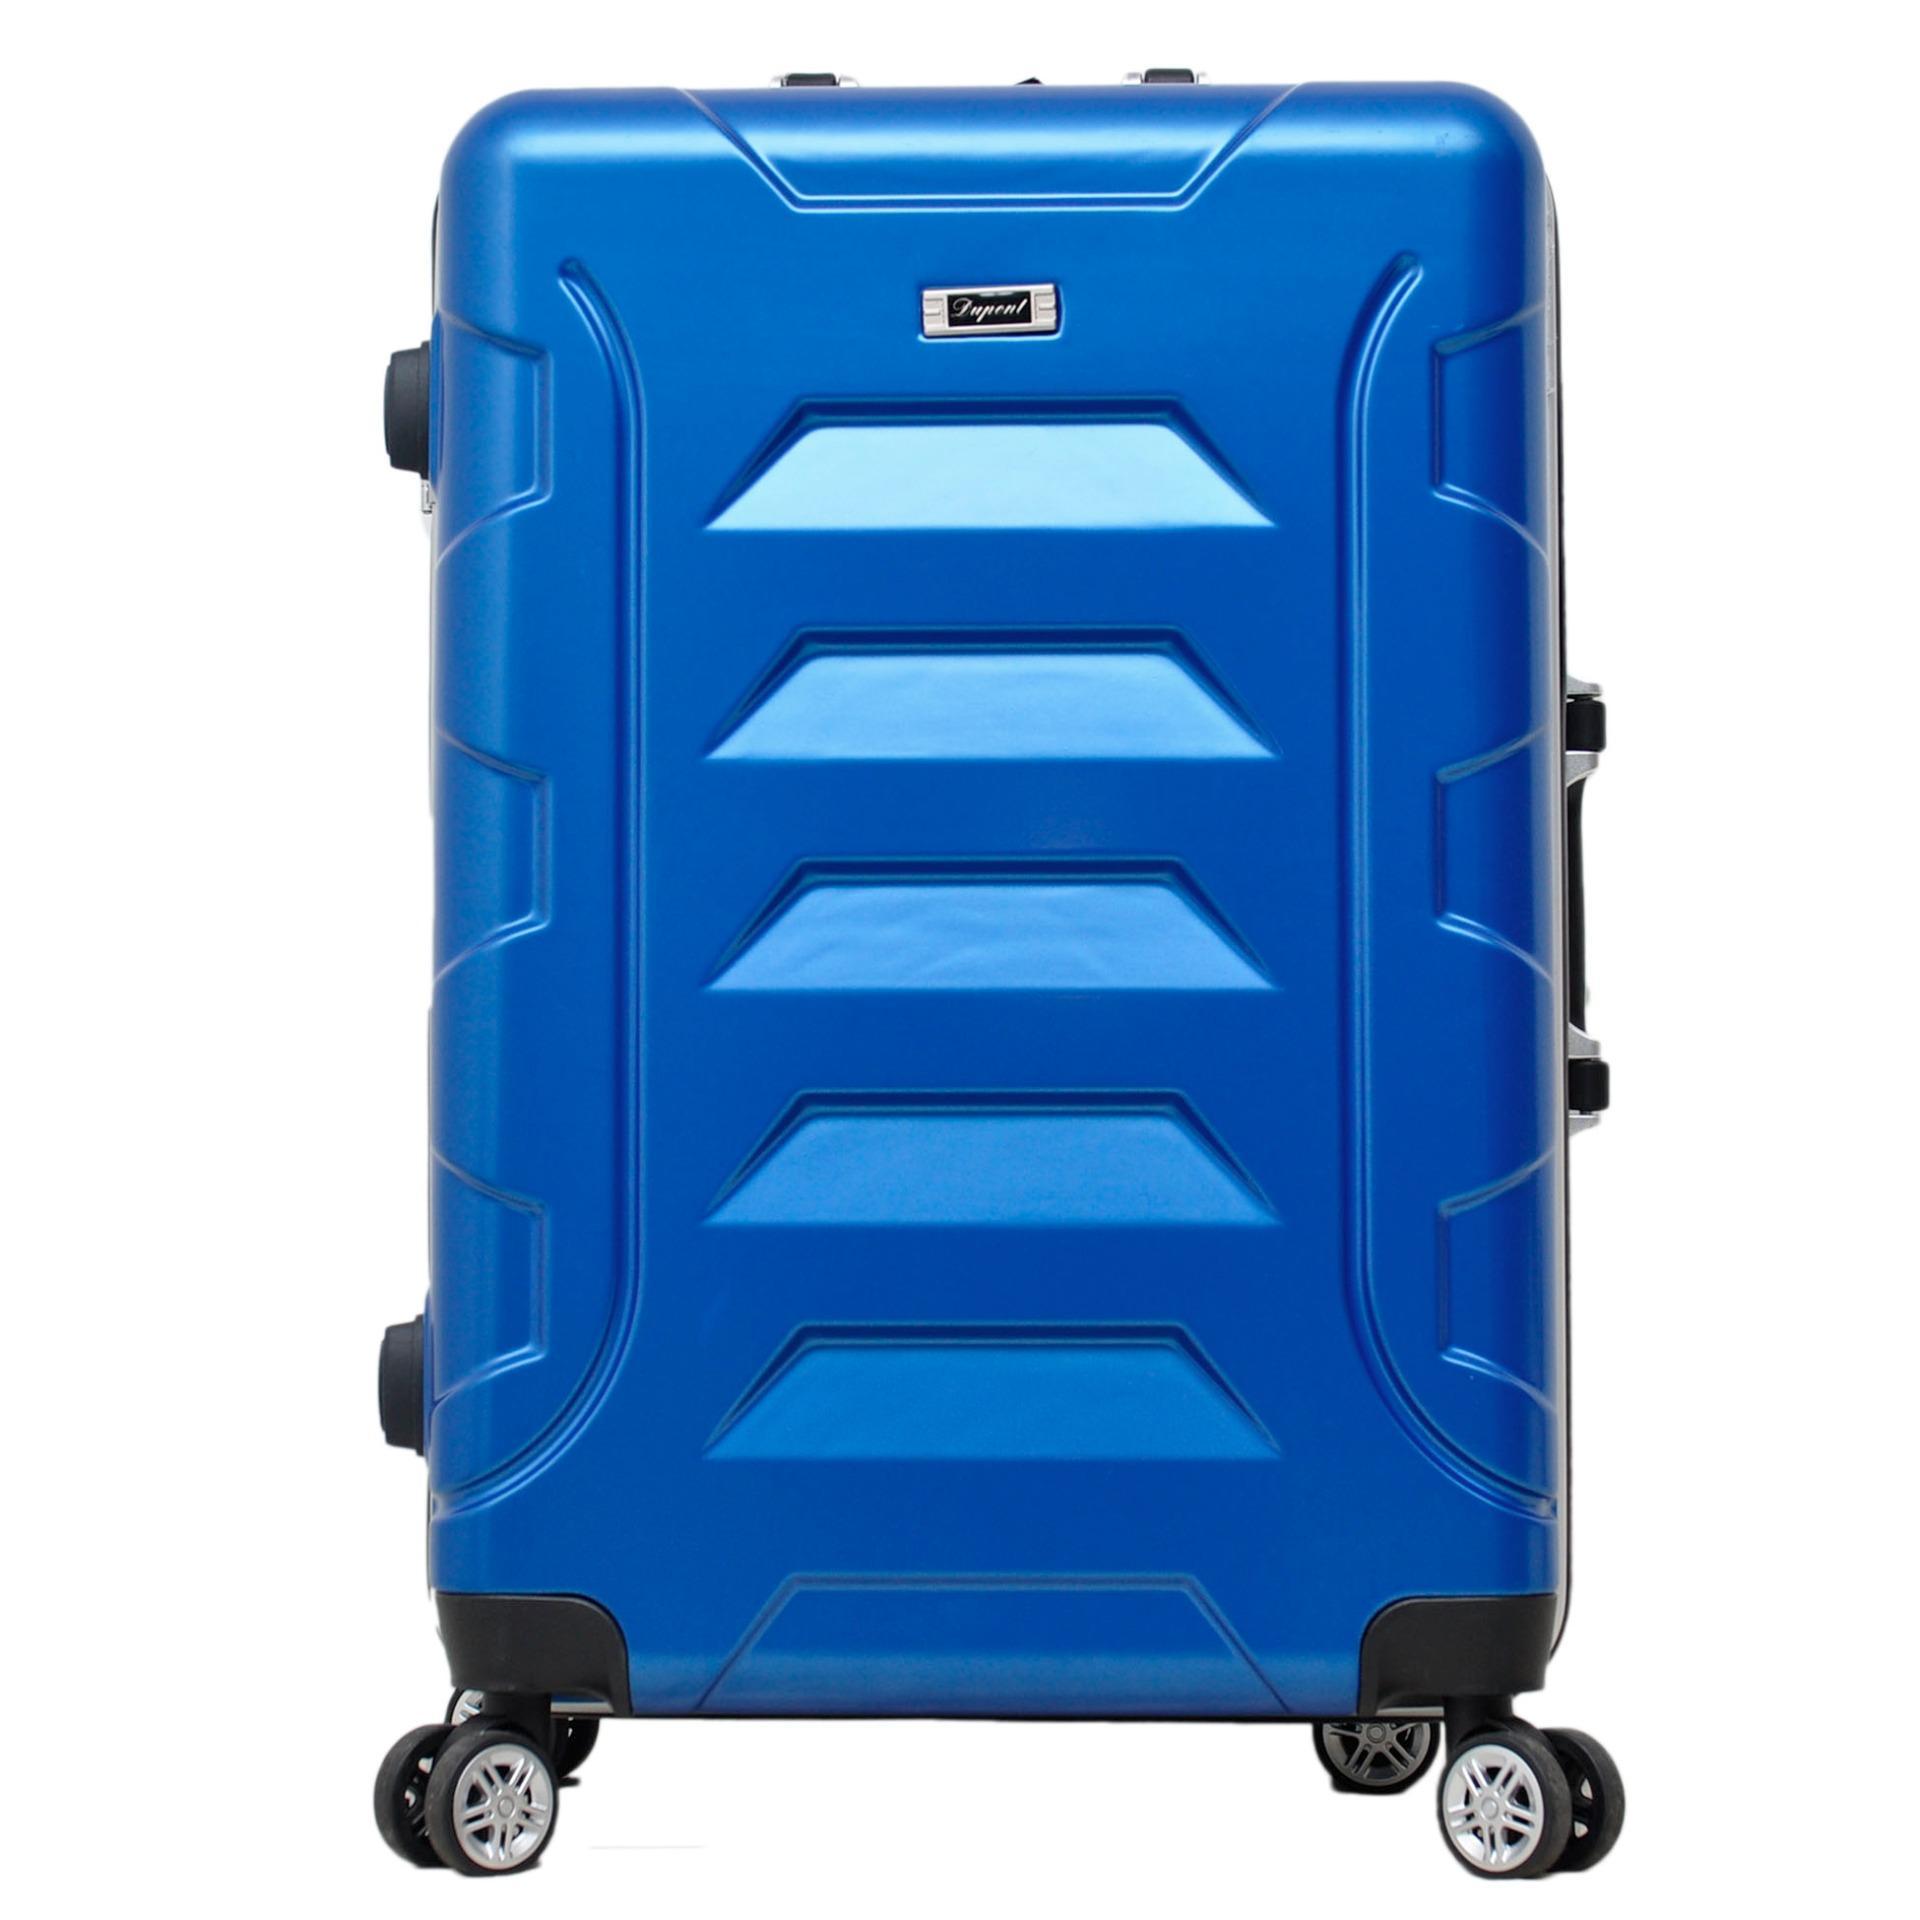 Beli Dupont Koper Hardcase No Zipper Size 24 Inch 8771 Biru Kredit Dki Jakarta